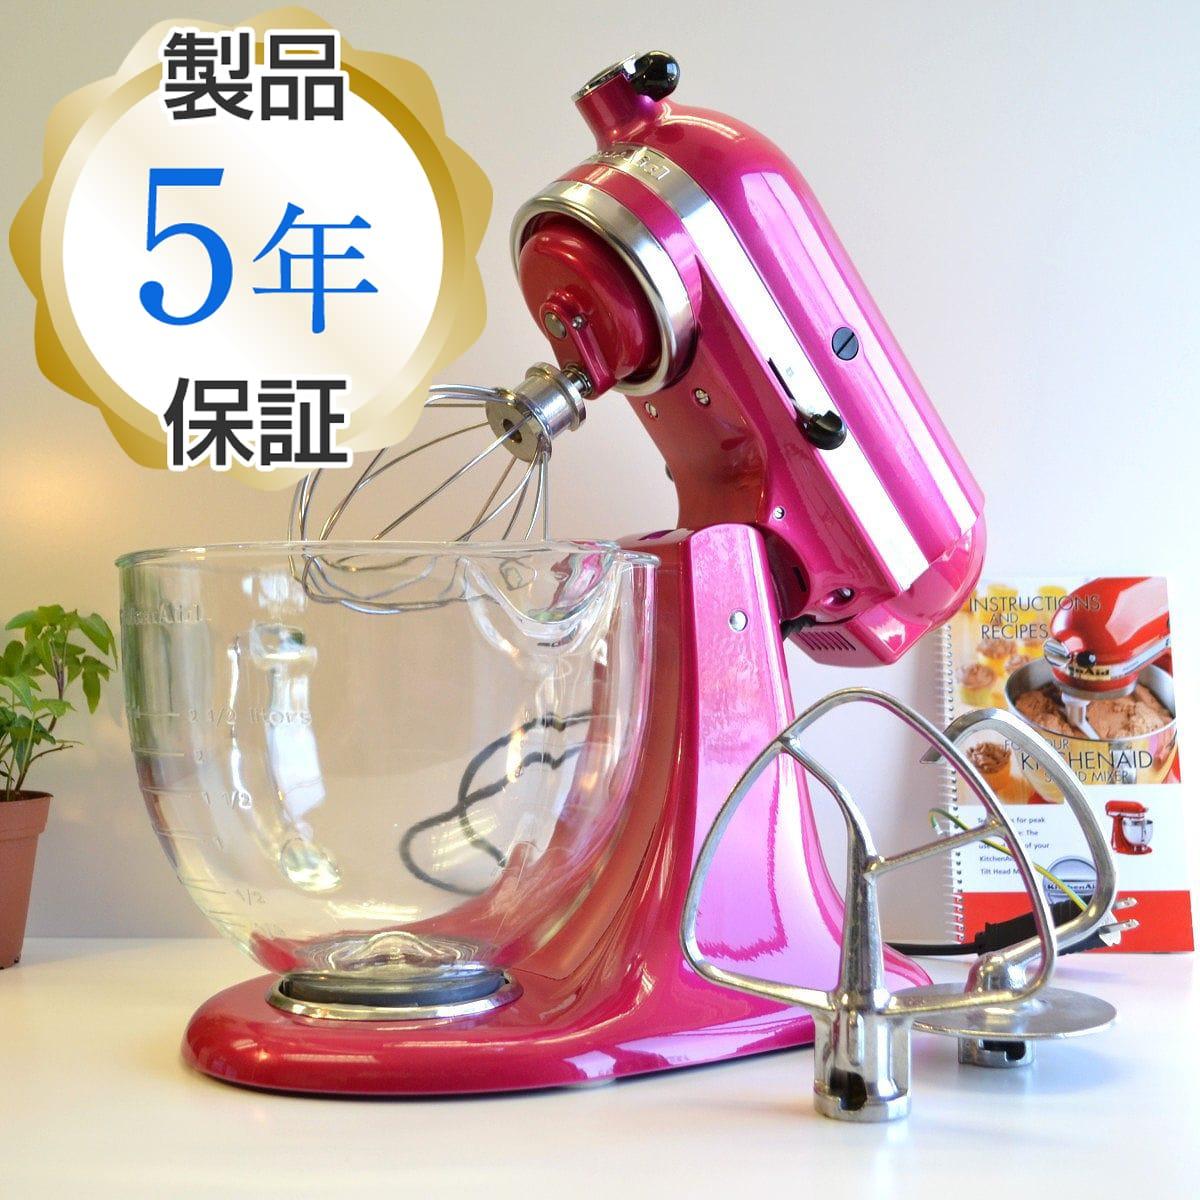 キッチンエイド スタンドミキサー アルチザン 4.8L ガラスボール ラズベリー KitchenAid 5-Quart Artisan Design Series Stand Mixer KSM155GBRI Raspberry Ice【日本語説明書付】 家電